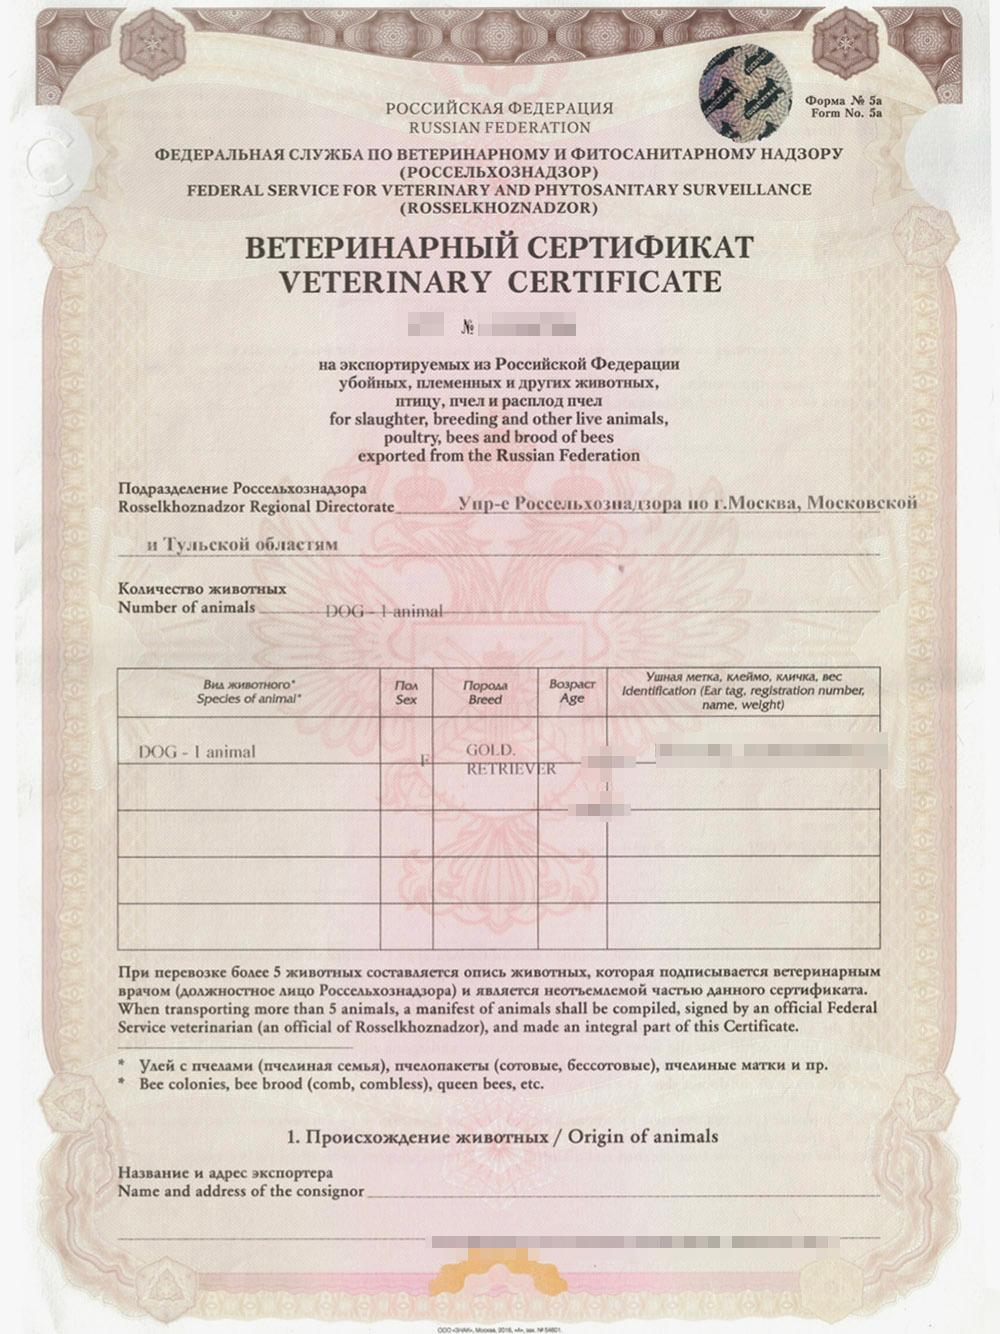 Так выглядит международный ветеринарный сертификат. Информация о животном указана на английском языке. Источник: зоосалон «Филимон»